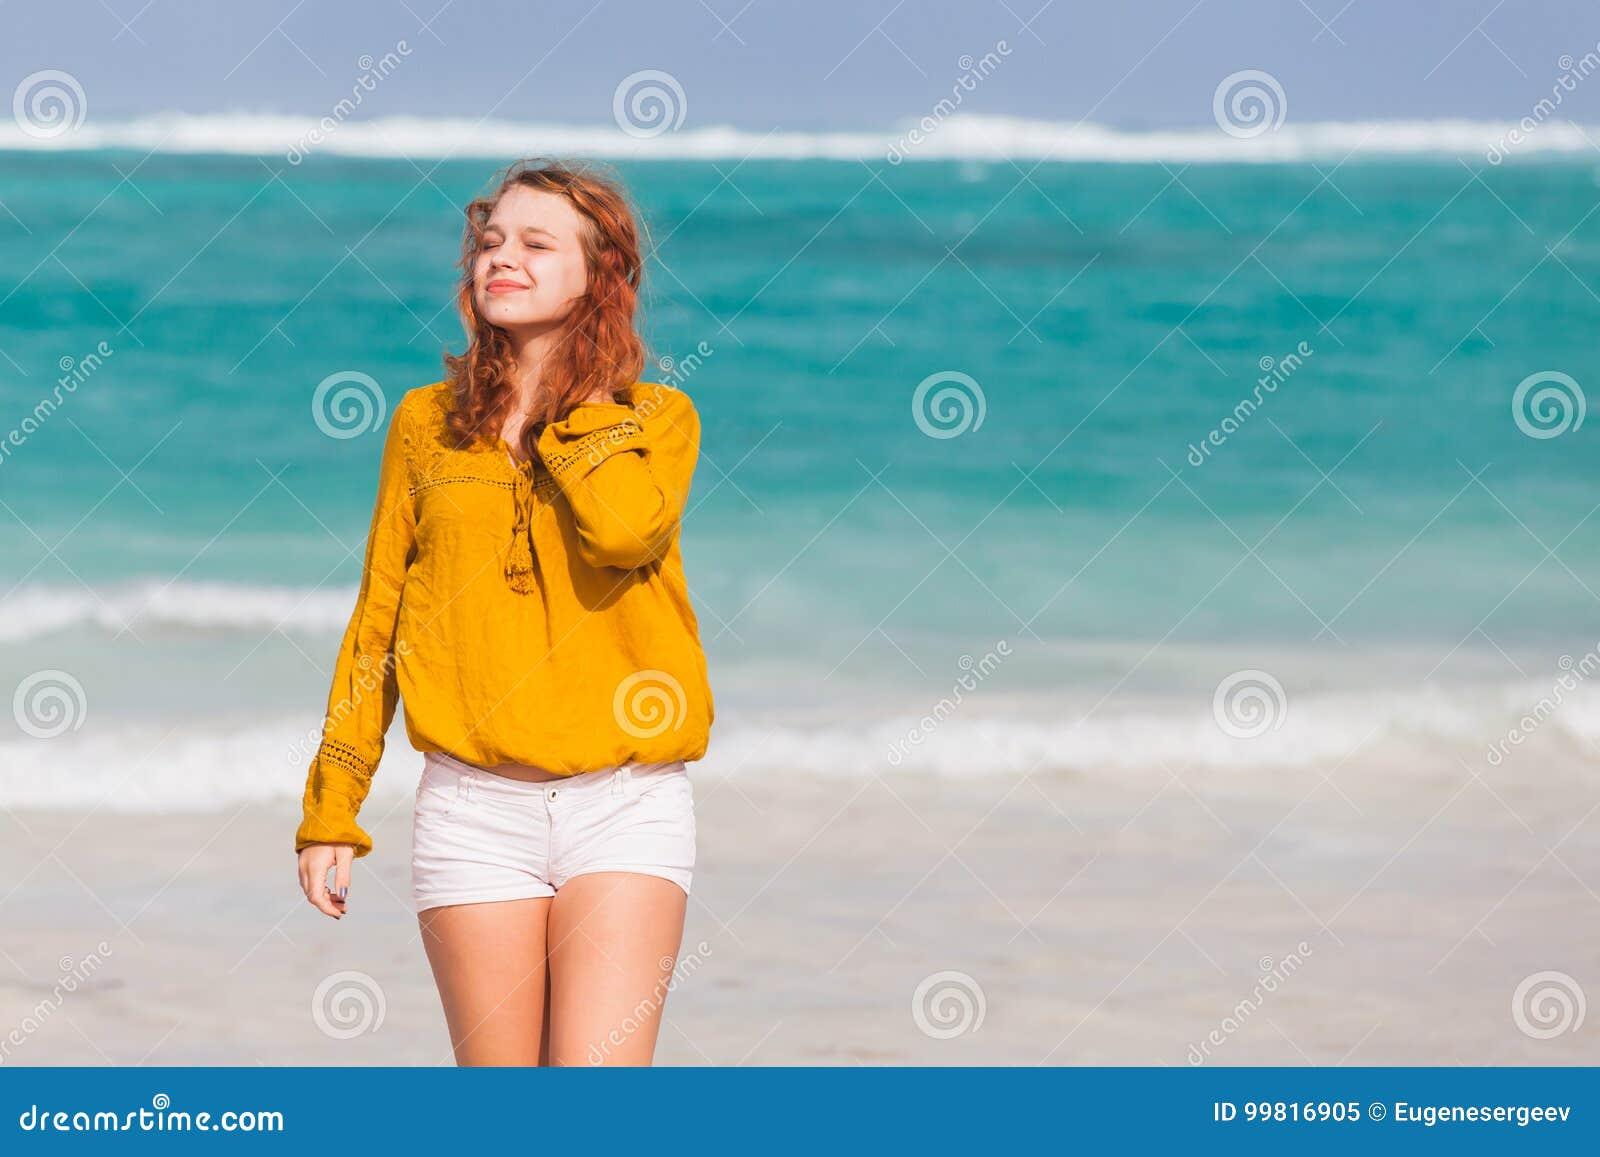 Lindo holandés los adolescentes al aire libre